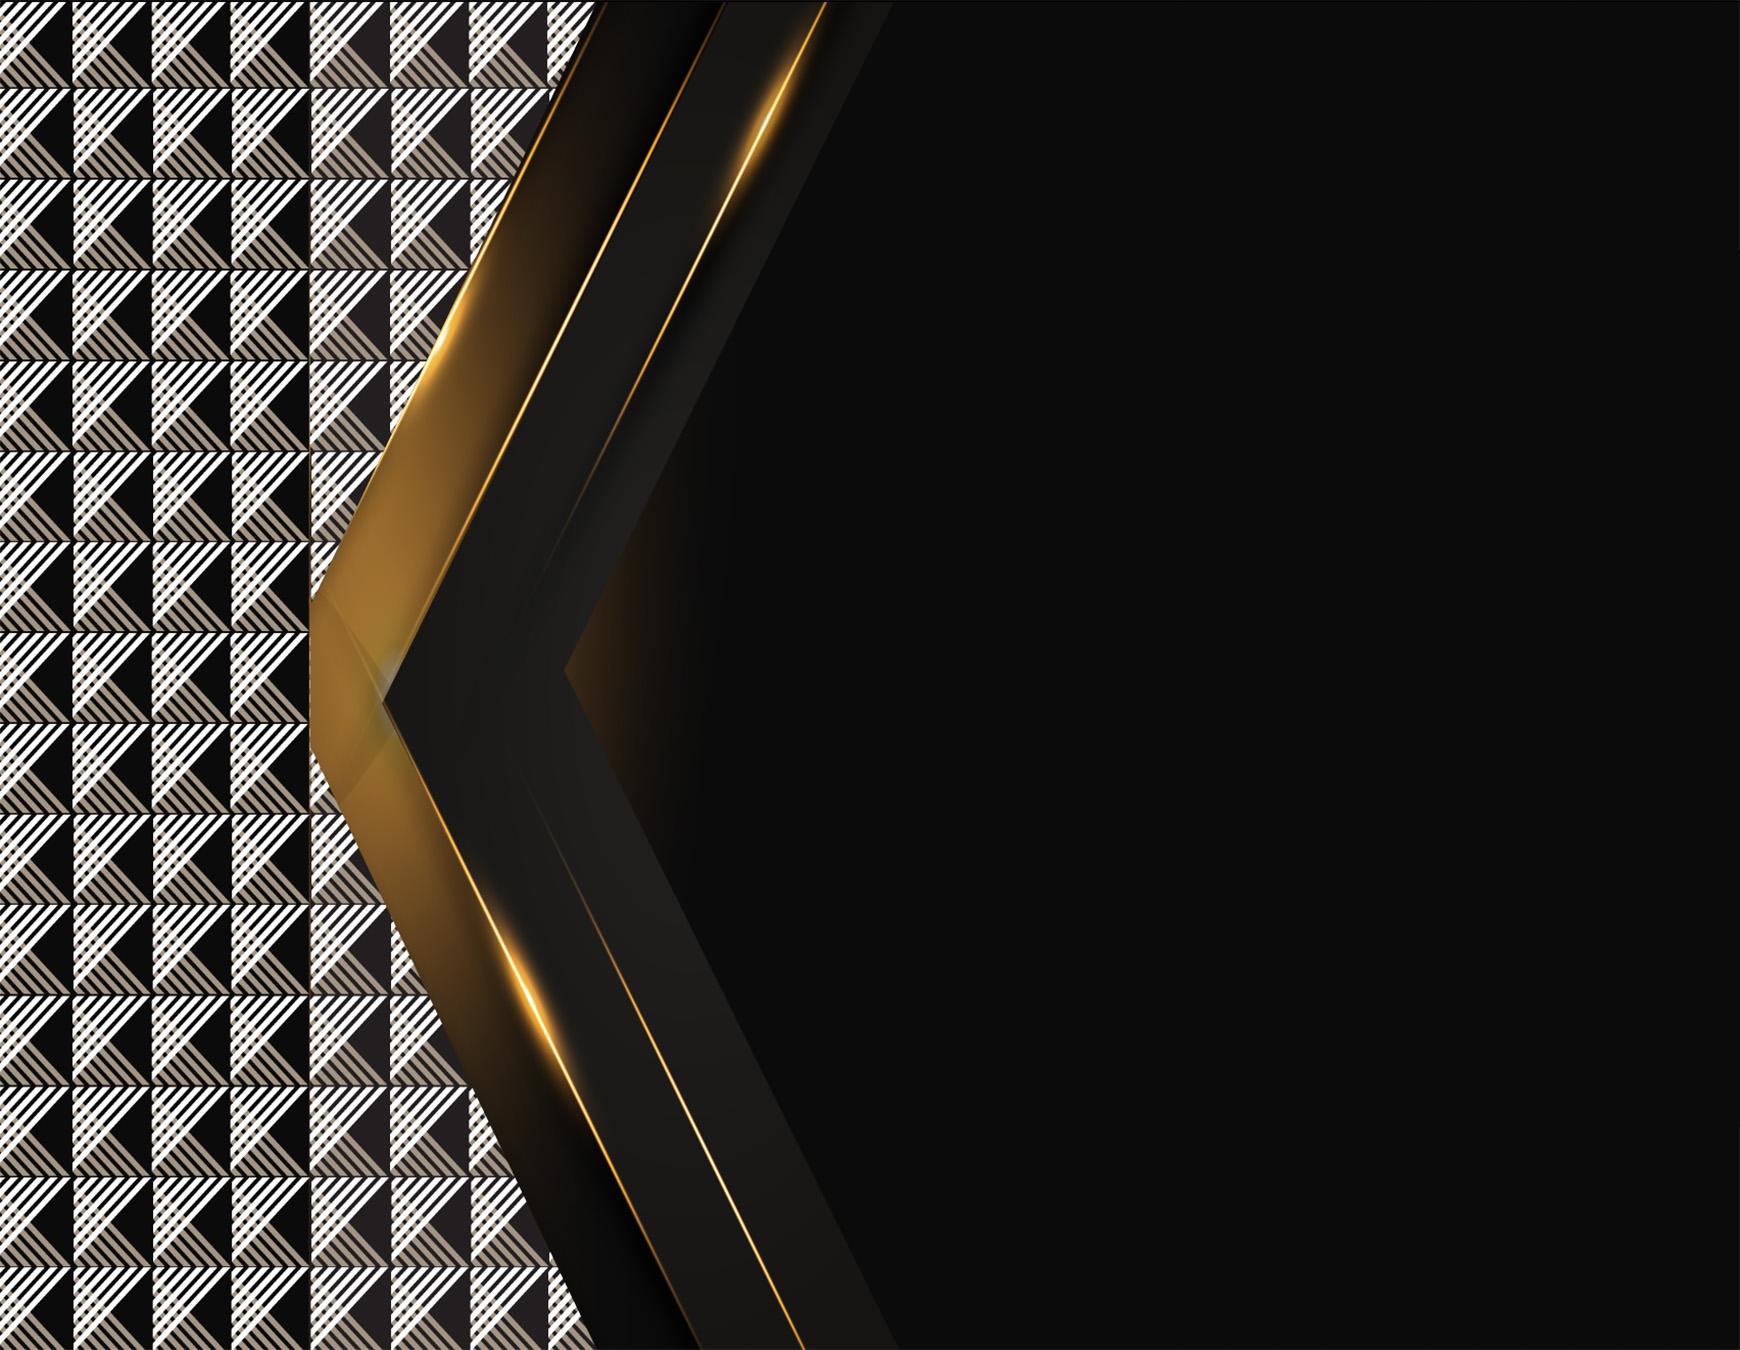 kohler-award-best-of-image